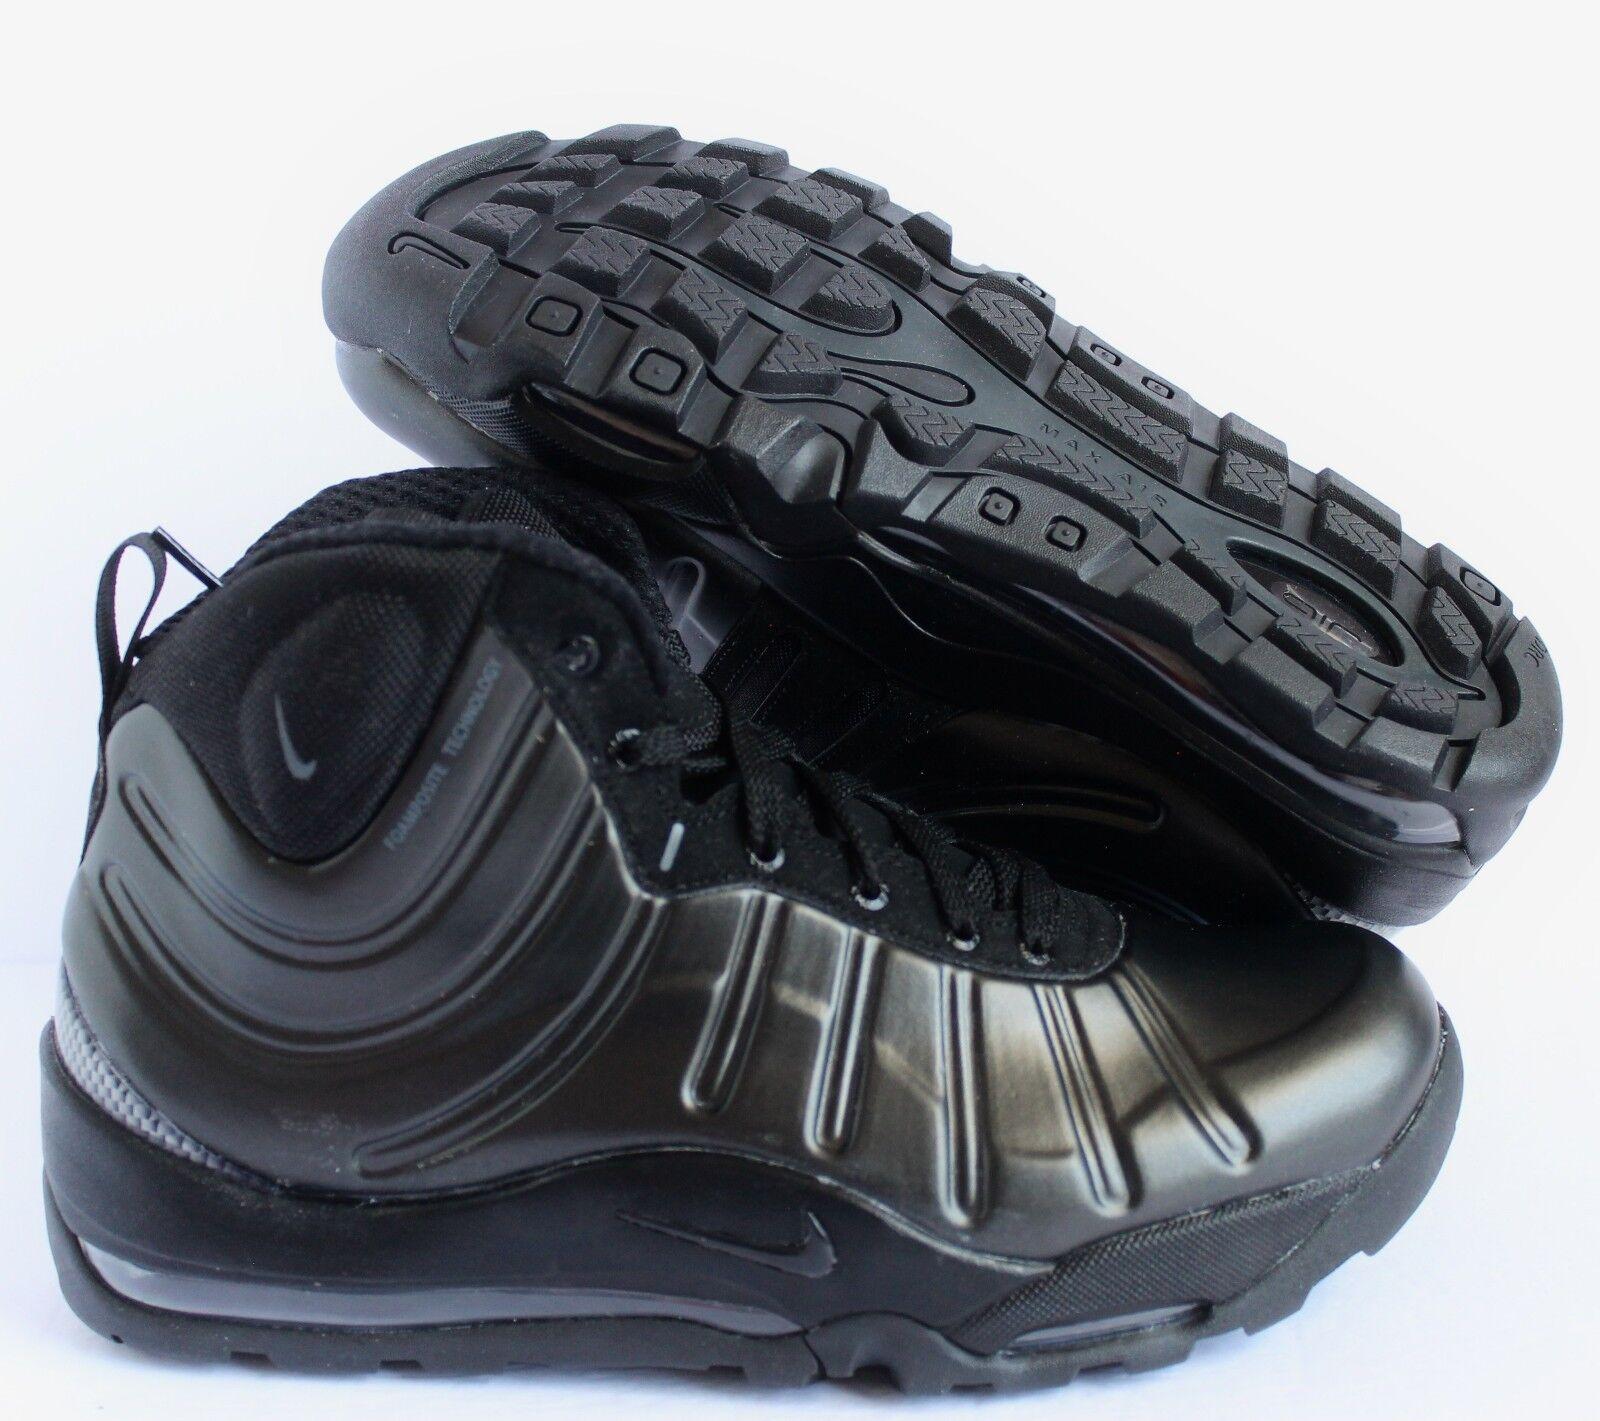 nike air cuire 618056-001 Noir botte Noir 618056-001 -anthracite-Noir -Noir  sz 7,5 [certaines] d954df